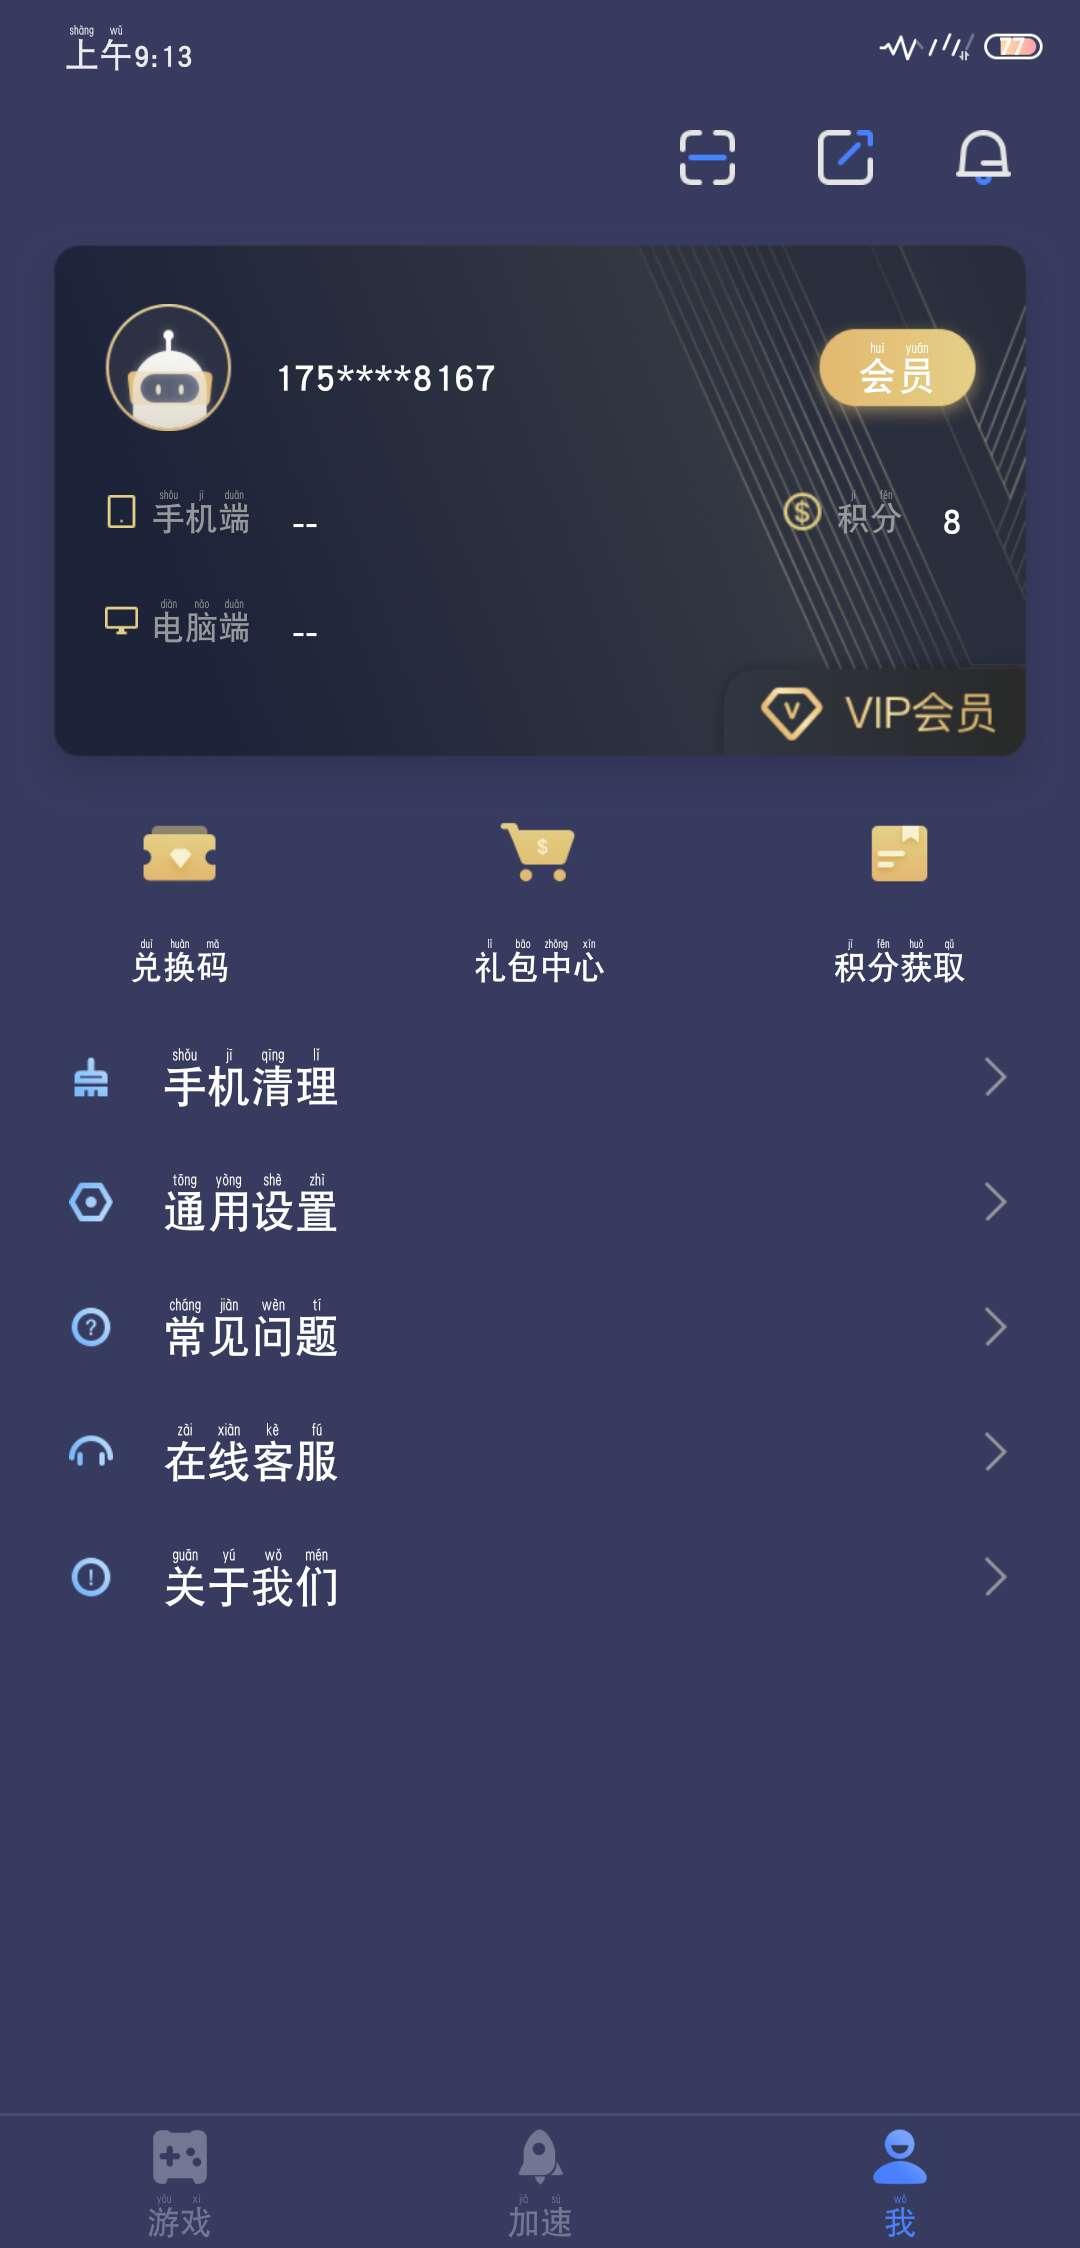 迅游加速器最新版破解版V5.1.12 已解锁VIP权限